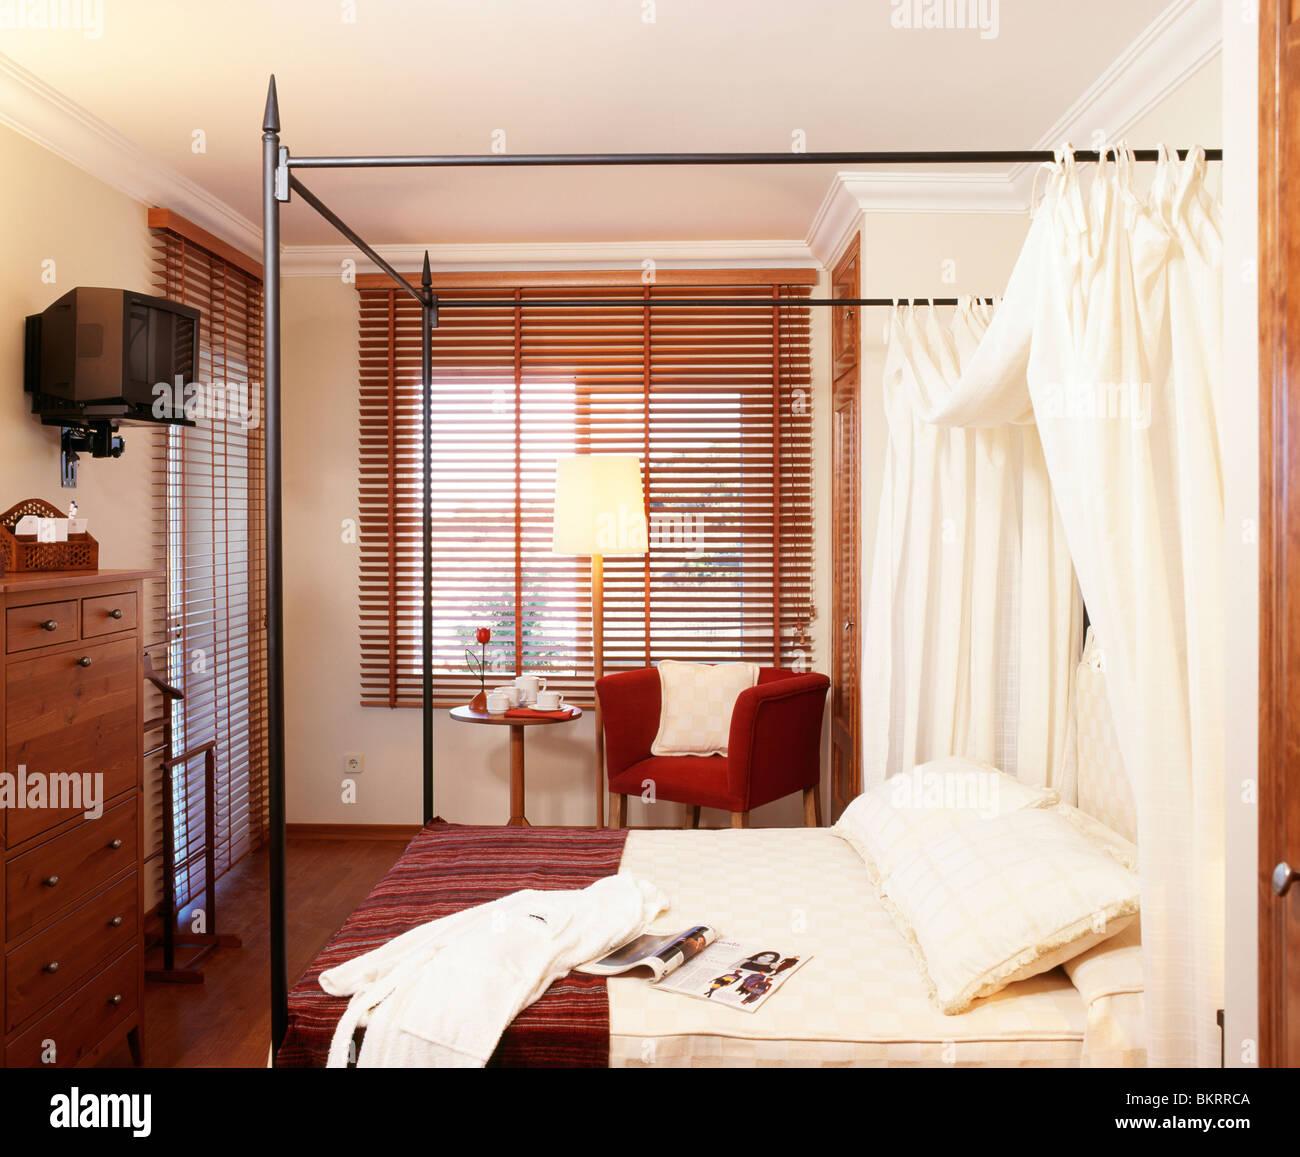 Wunderbar Fernseher Für Schlafzimmer Foto Von Weiße Vorhänge Auf Einfache Metall Himmelbett Im